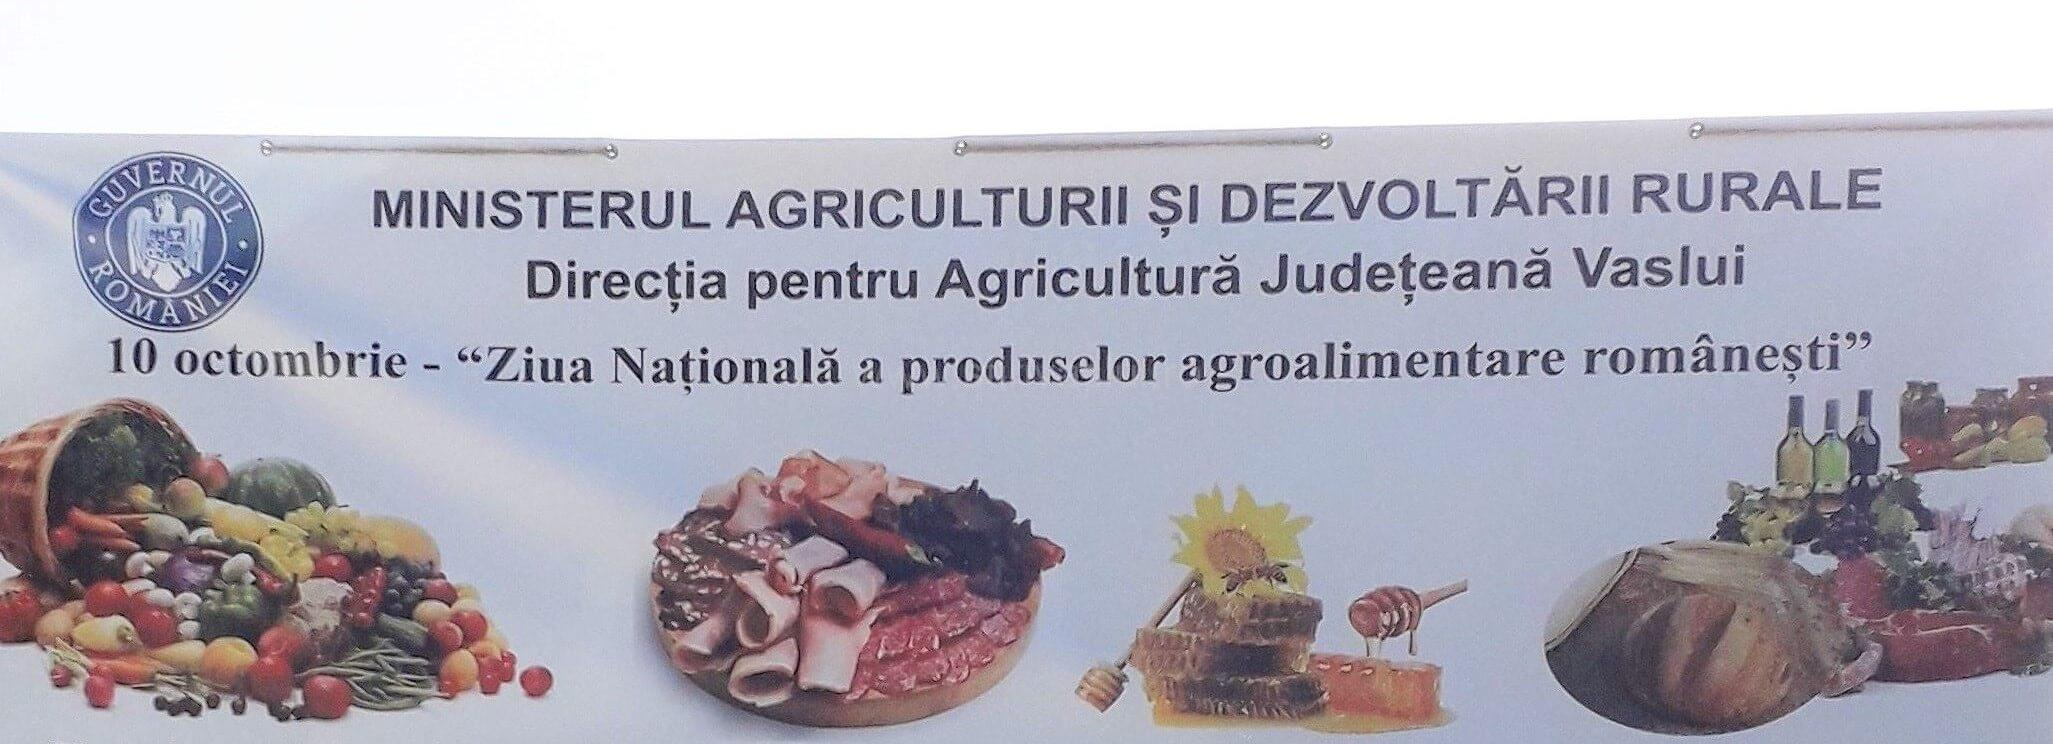 Ziua Națională a Produselor Agroalimentare Românești